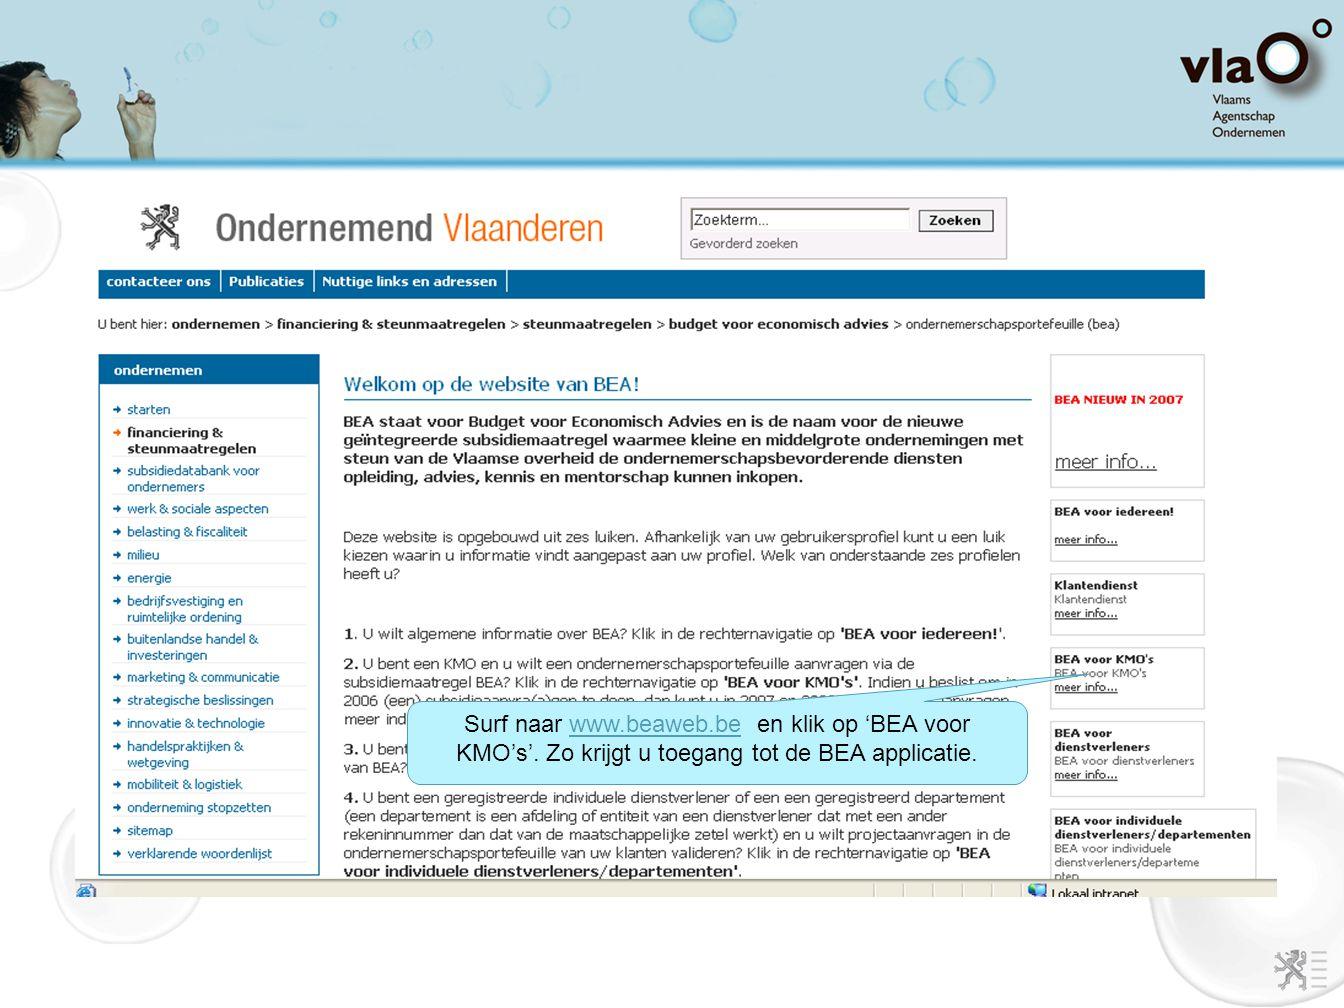 Surf naar www.beaweb.be en klik op 'BEA voor KMO's'. Zo krijgt u toegang tot de BEA applicatie.www.beaweb.be